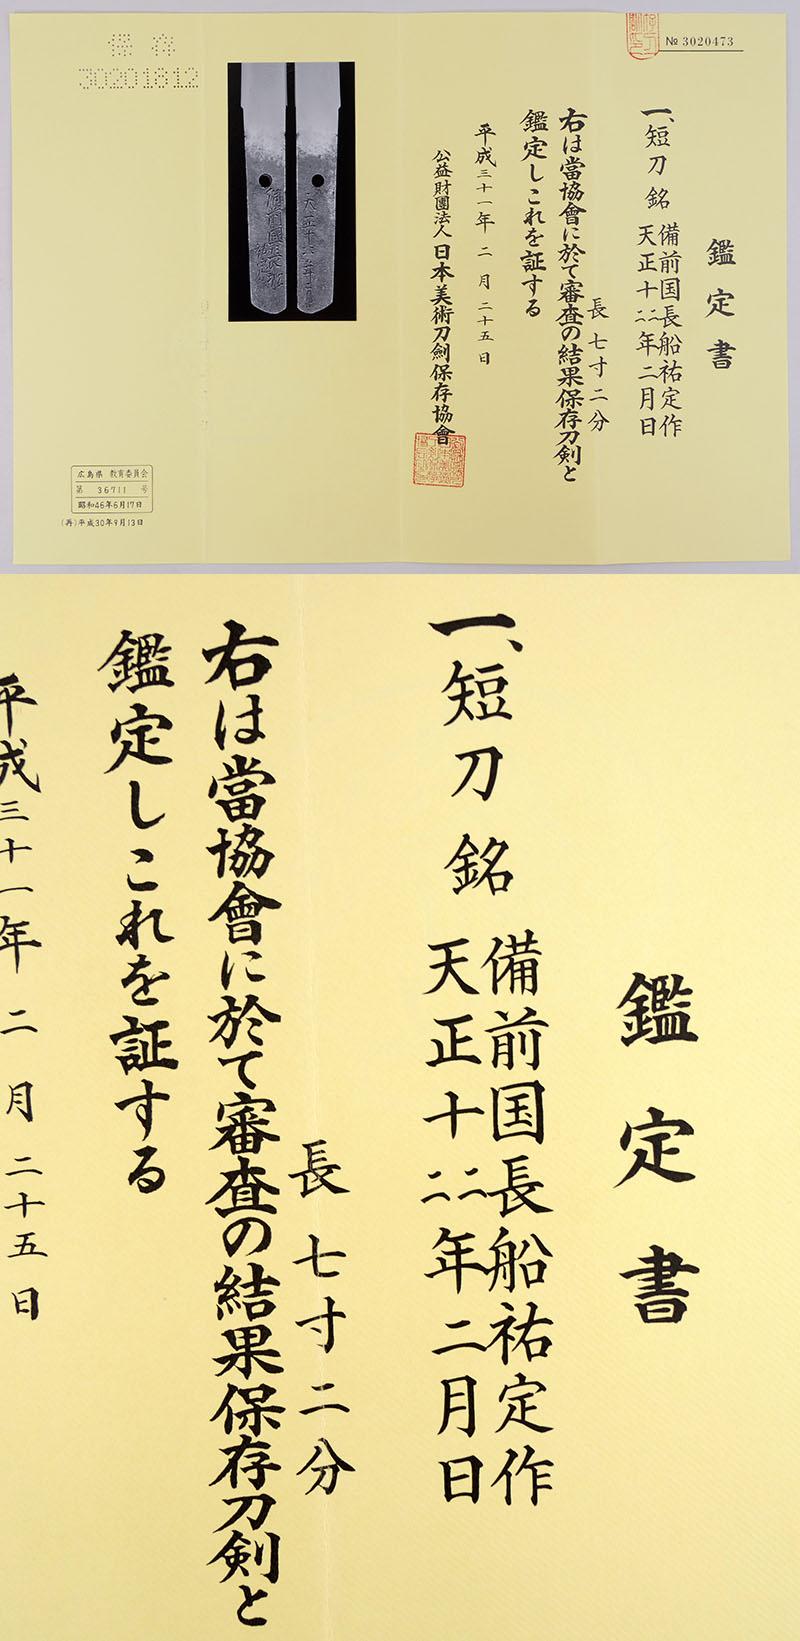 備前国長船祐定作 Picture of Certificate